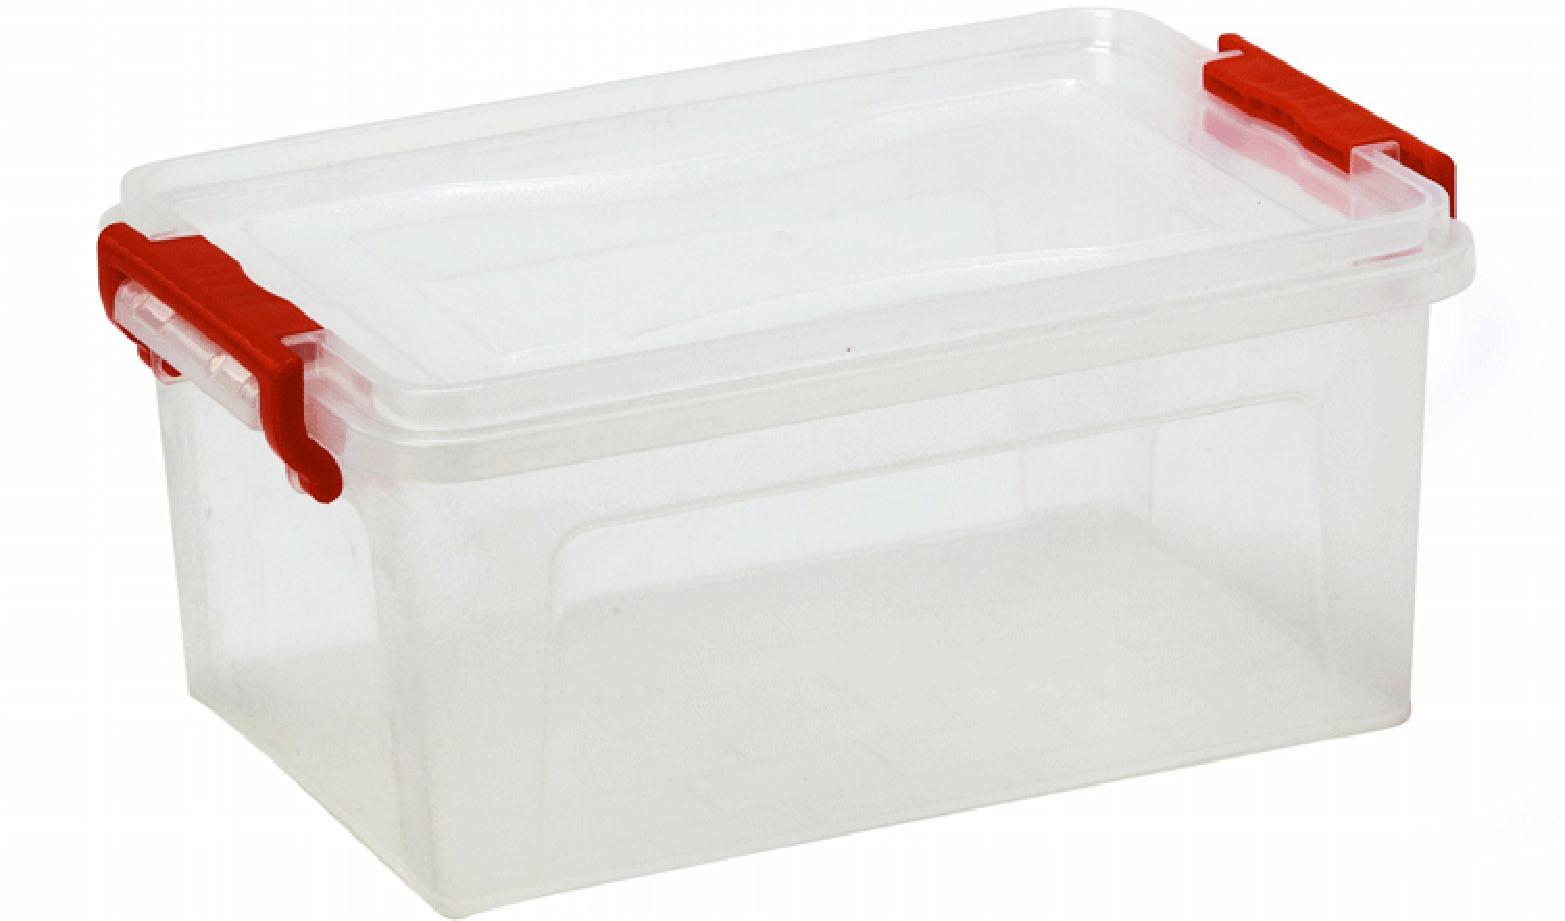 """Контейнер для хранения """"Idea"""" выполнен из высококачественного пластика. Контейнер снабжен двумя фиксаторами по бокам, придающими дополнительную надежность закрывания крышки. Вместительный контейнер позволит сохранить различные нужные вещи в порядке, а герметичная крышка предотвратит случайное открывание, защитит содержимое от пыли и грязи."""